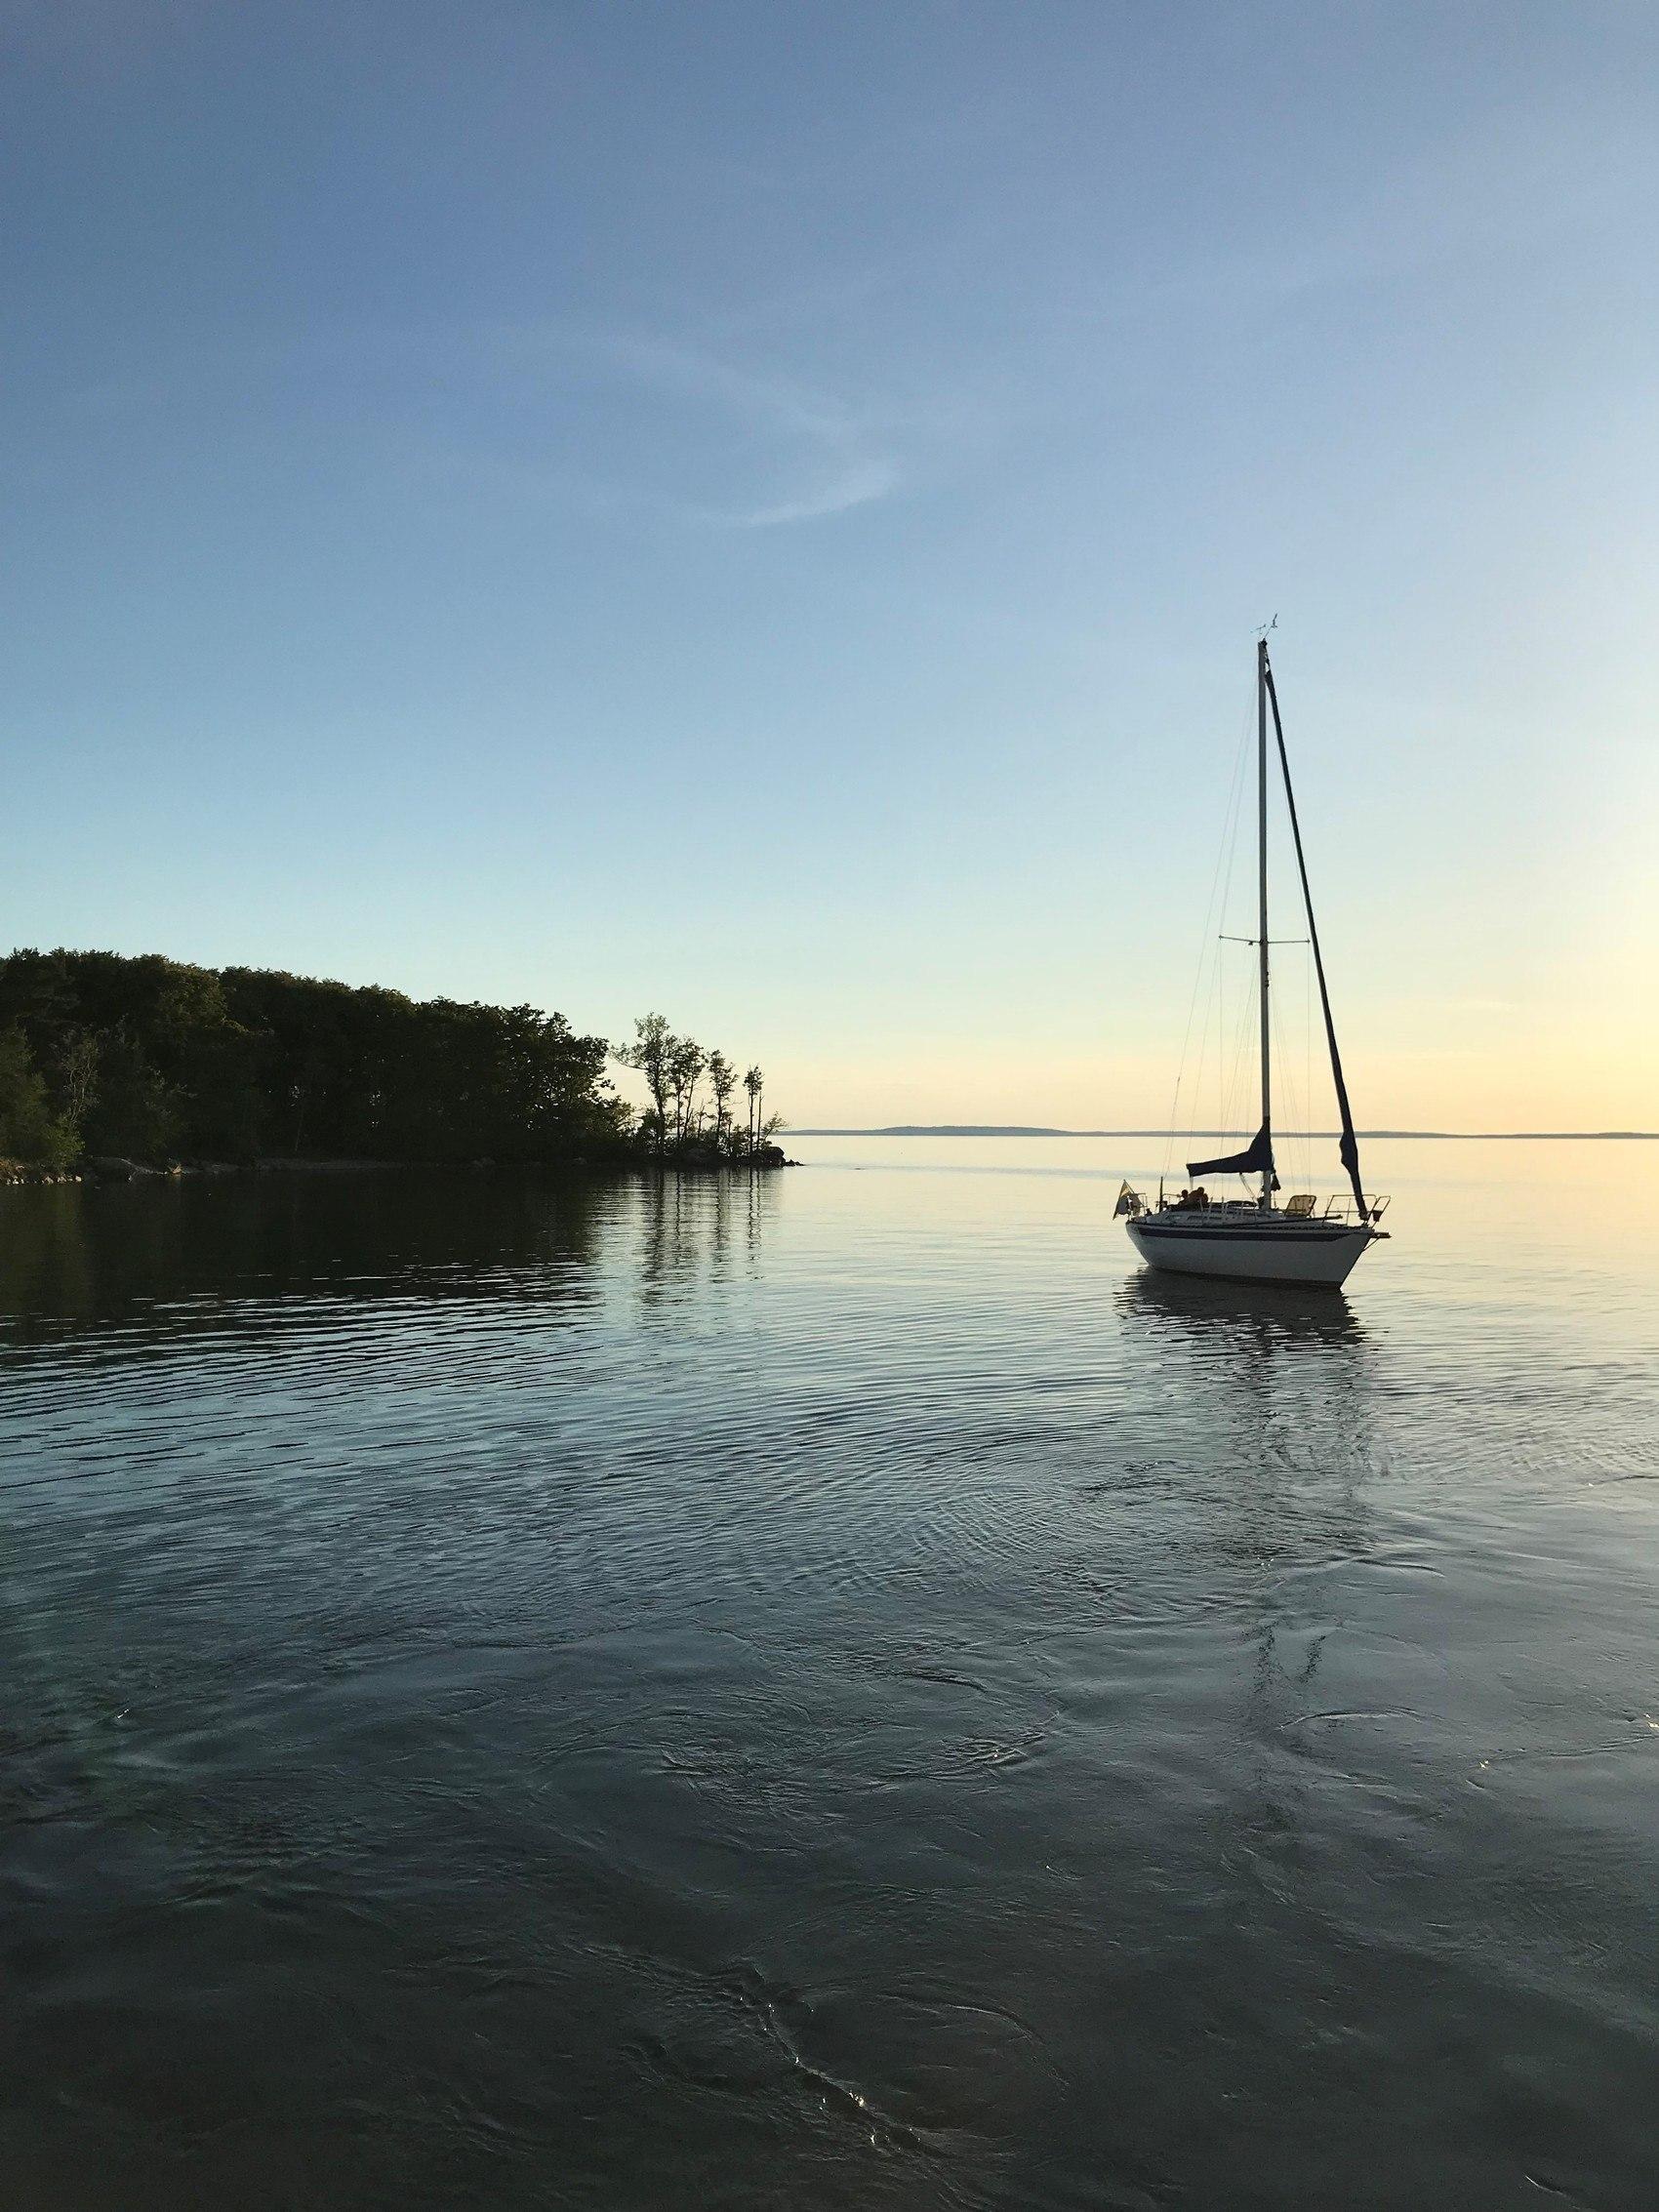 Segelbåt ligger förtöjd utanför ö en stilla sommarkväll.